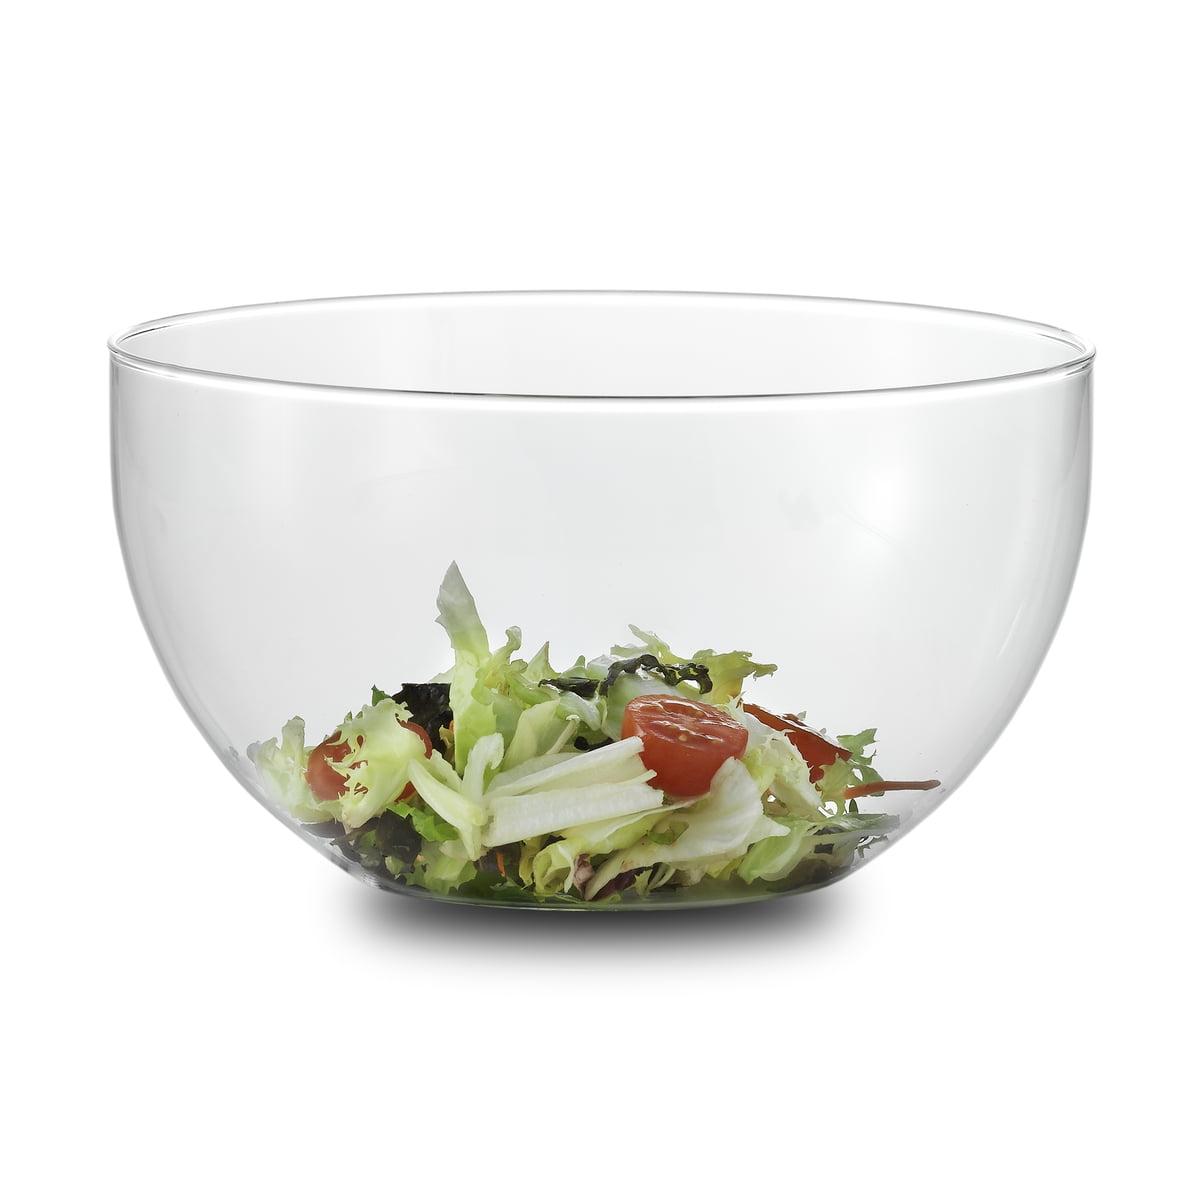 Jenaer Glas - Salad Salatschüssel 2 l, mittel